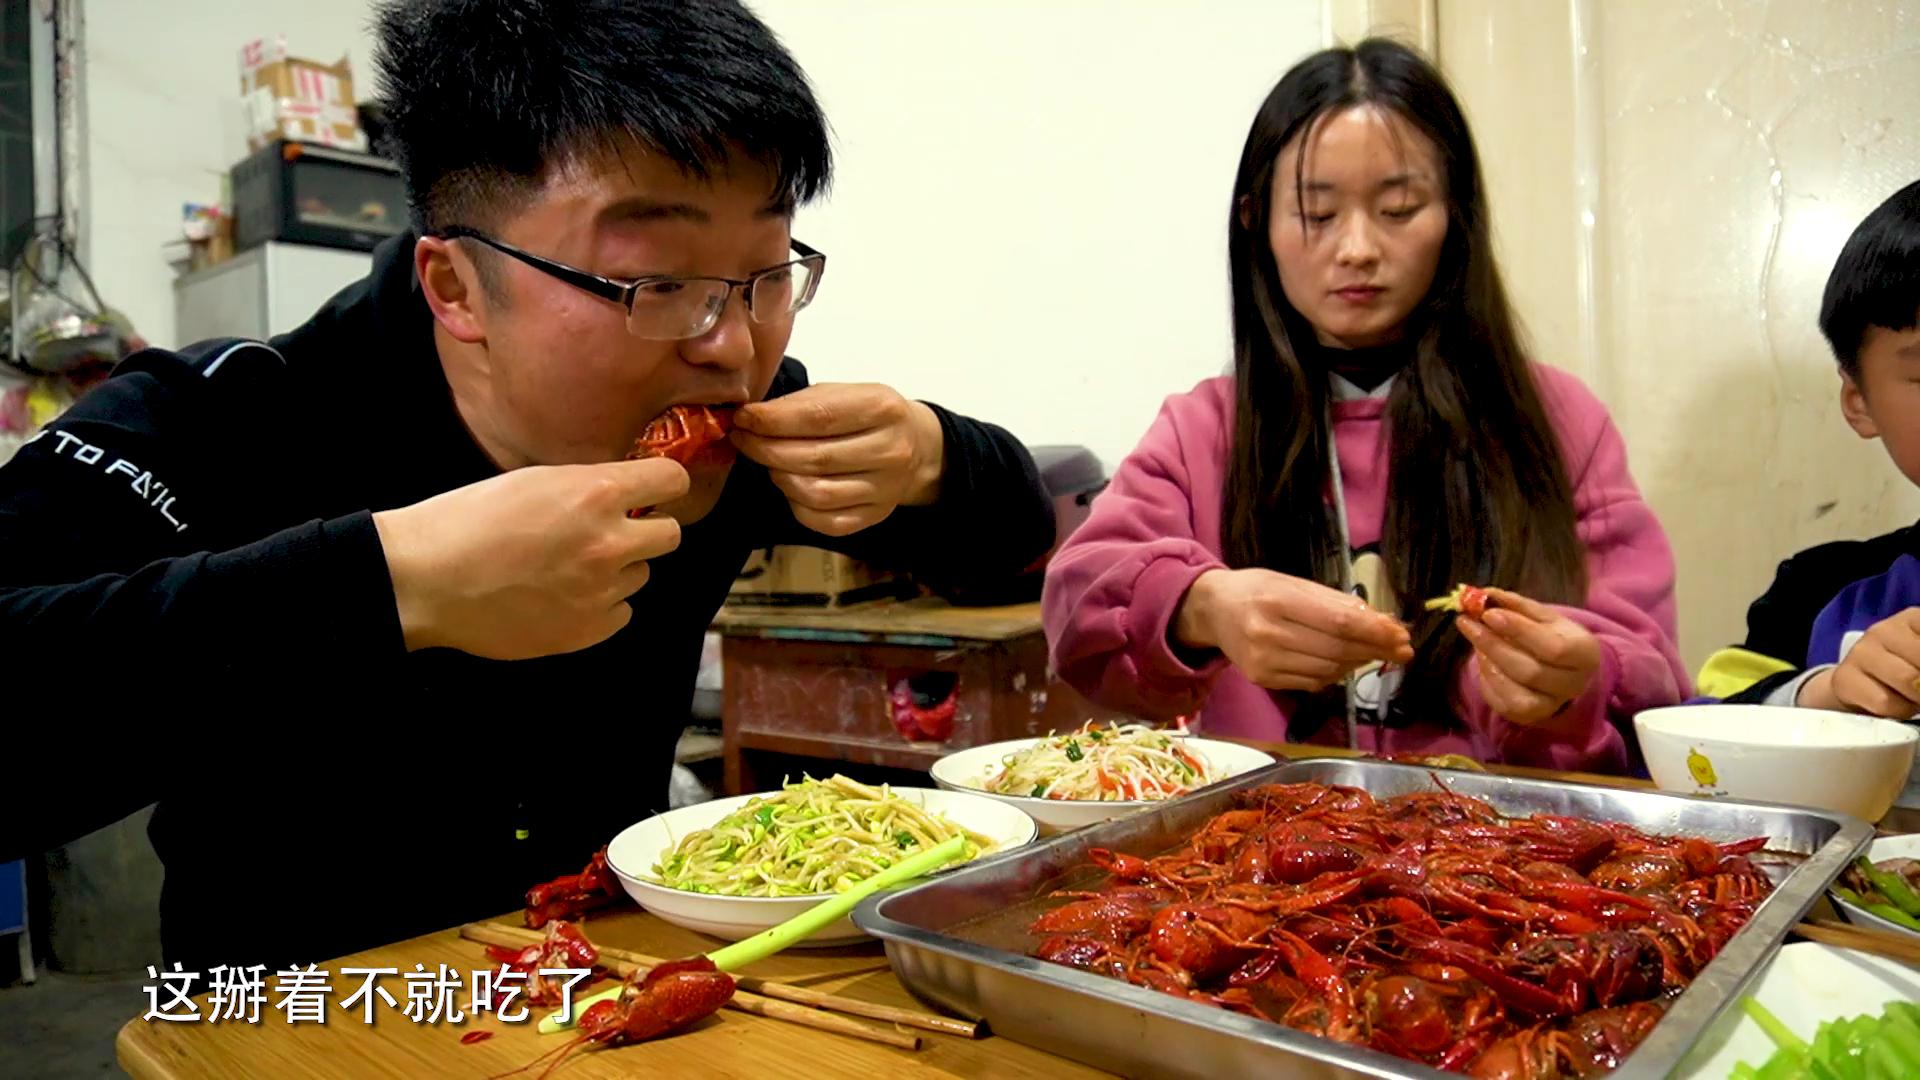 五斤龙虾,四个菜,大sao开春第一顿十三香龙虾,一桌菜做少了